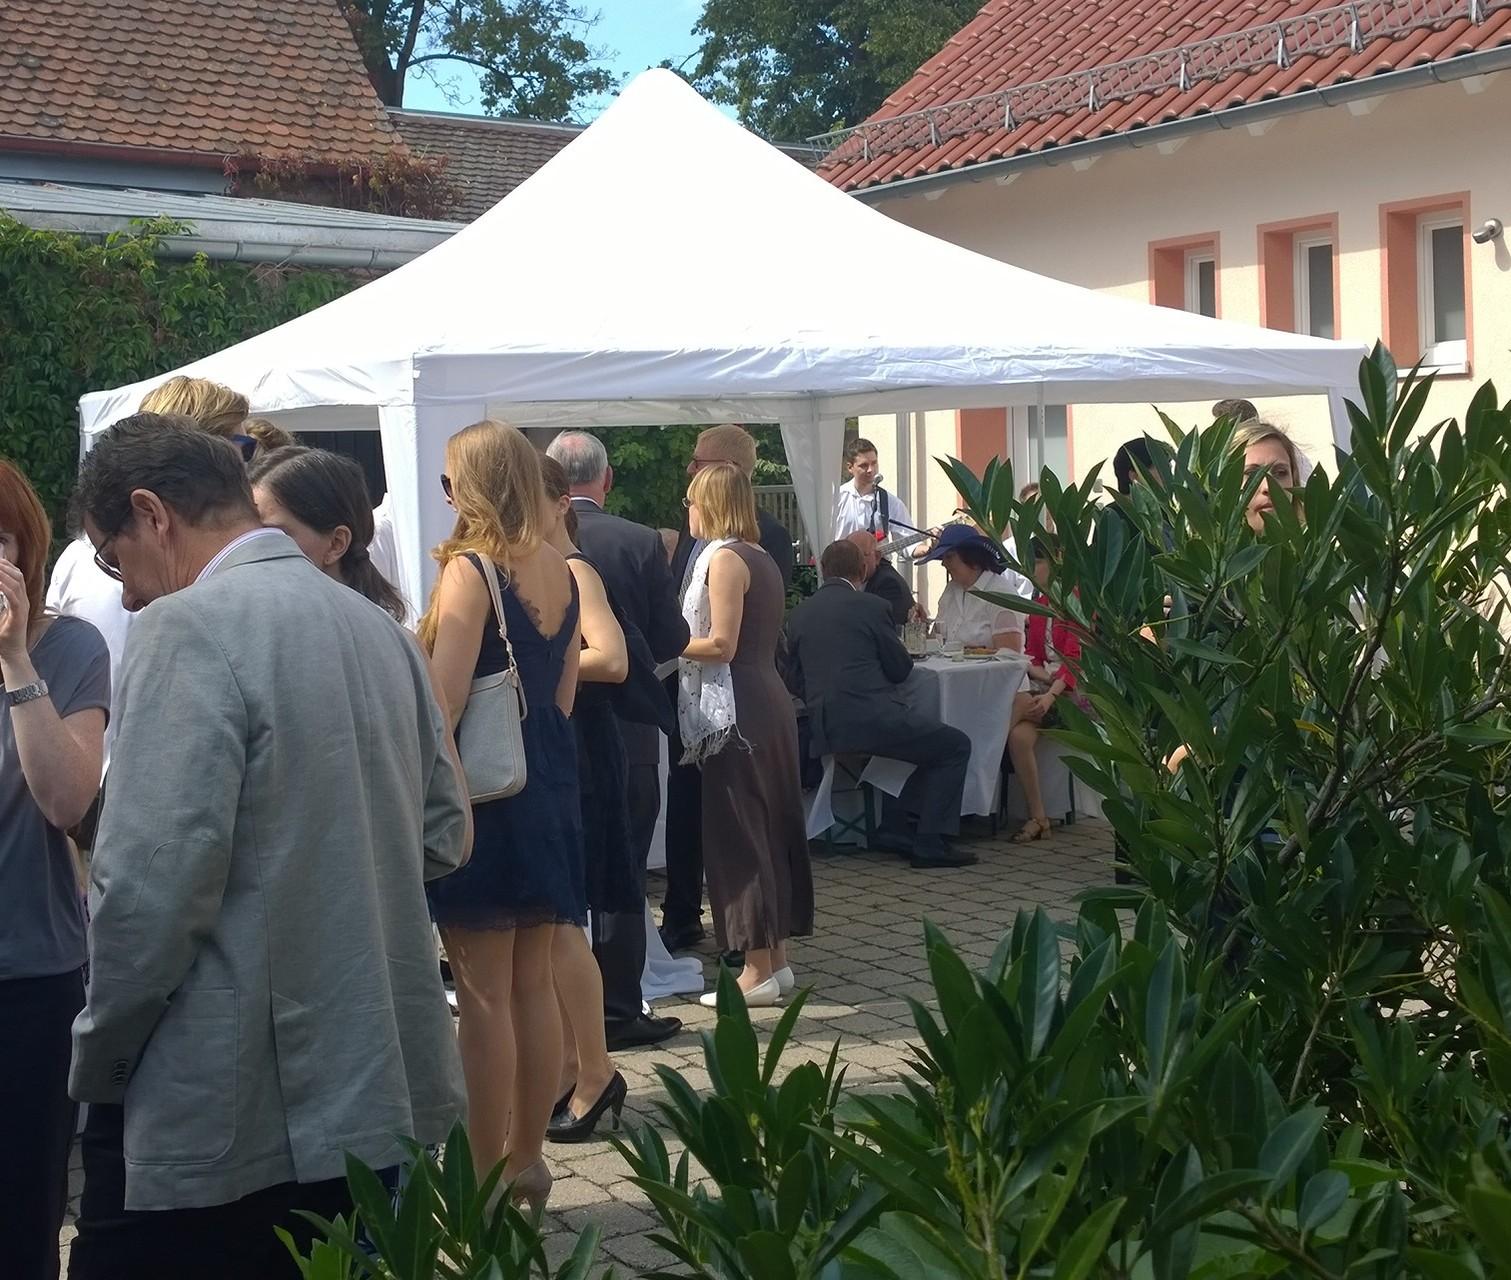 Veranstaltung mit Zelten von franconia lite